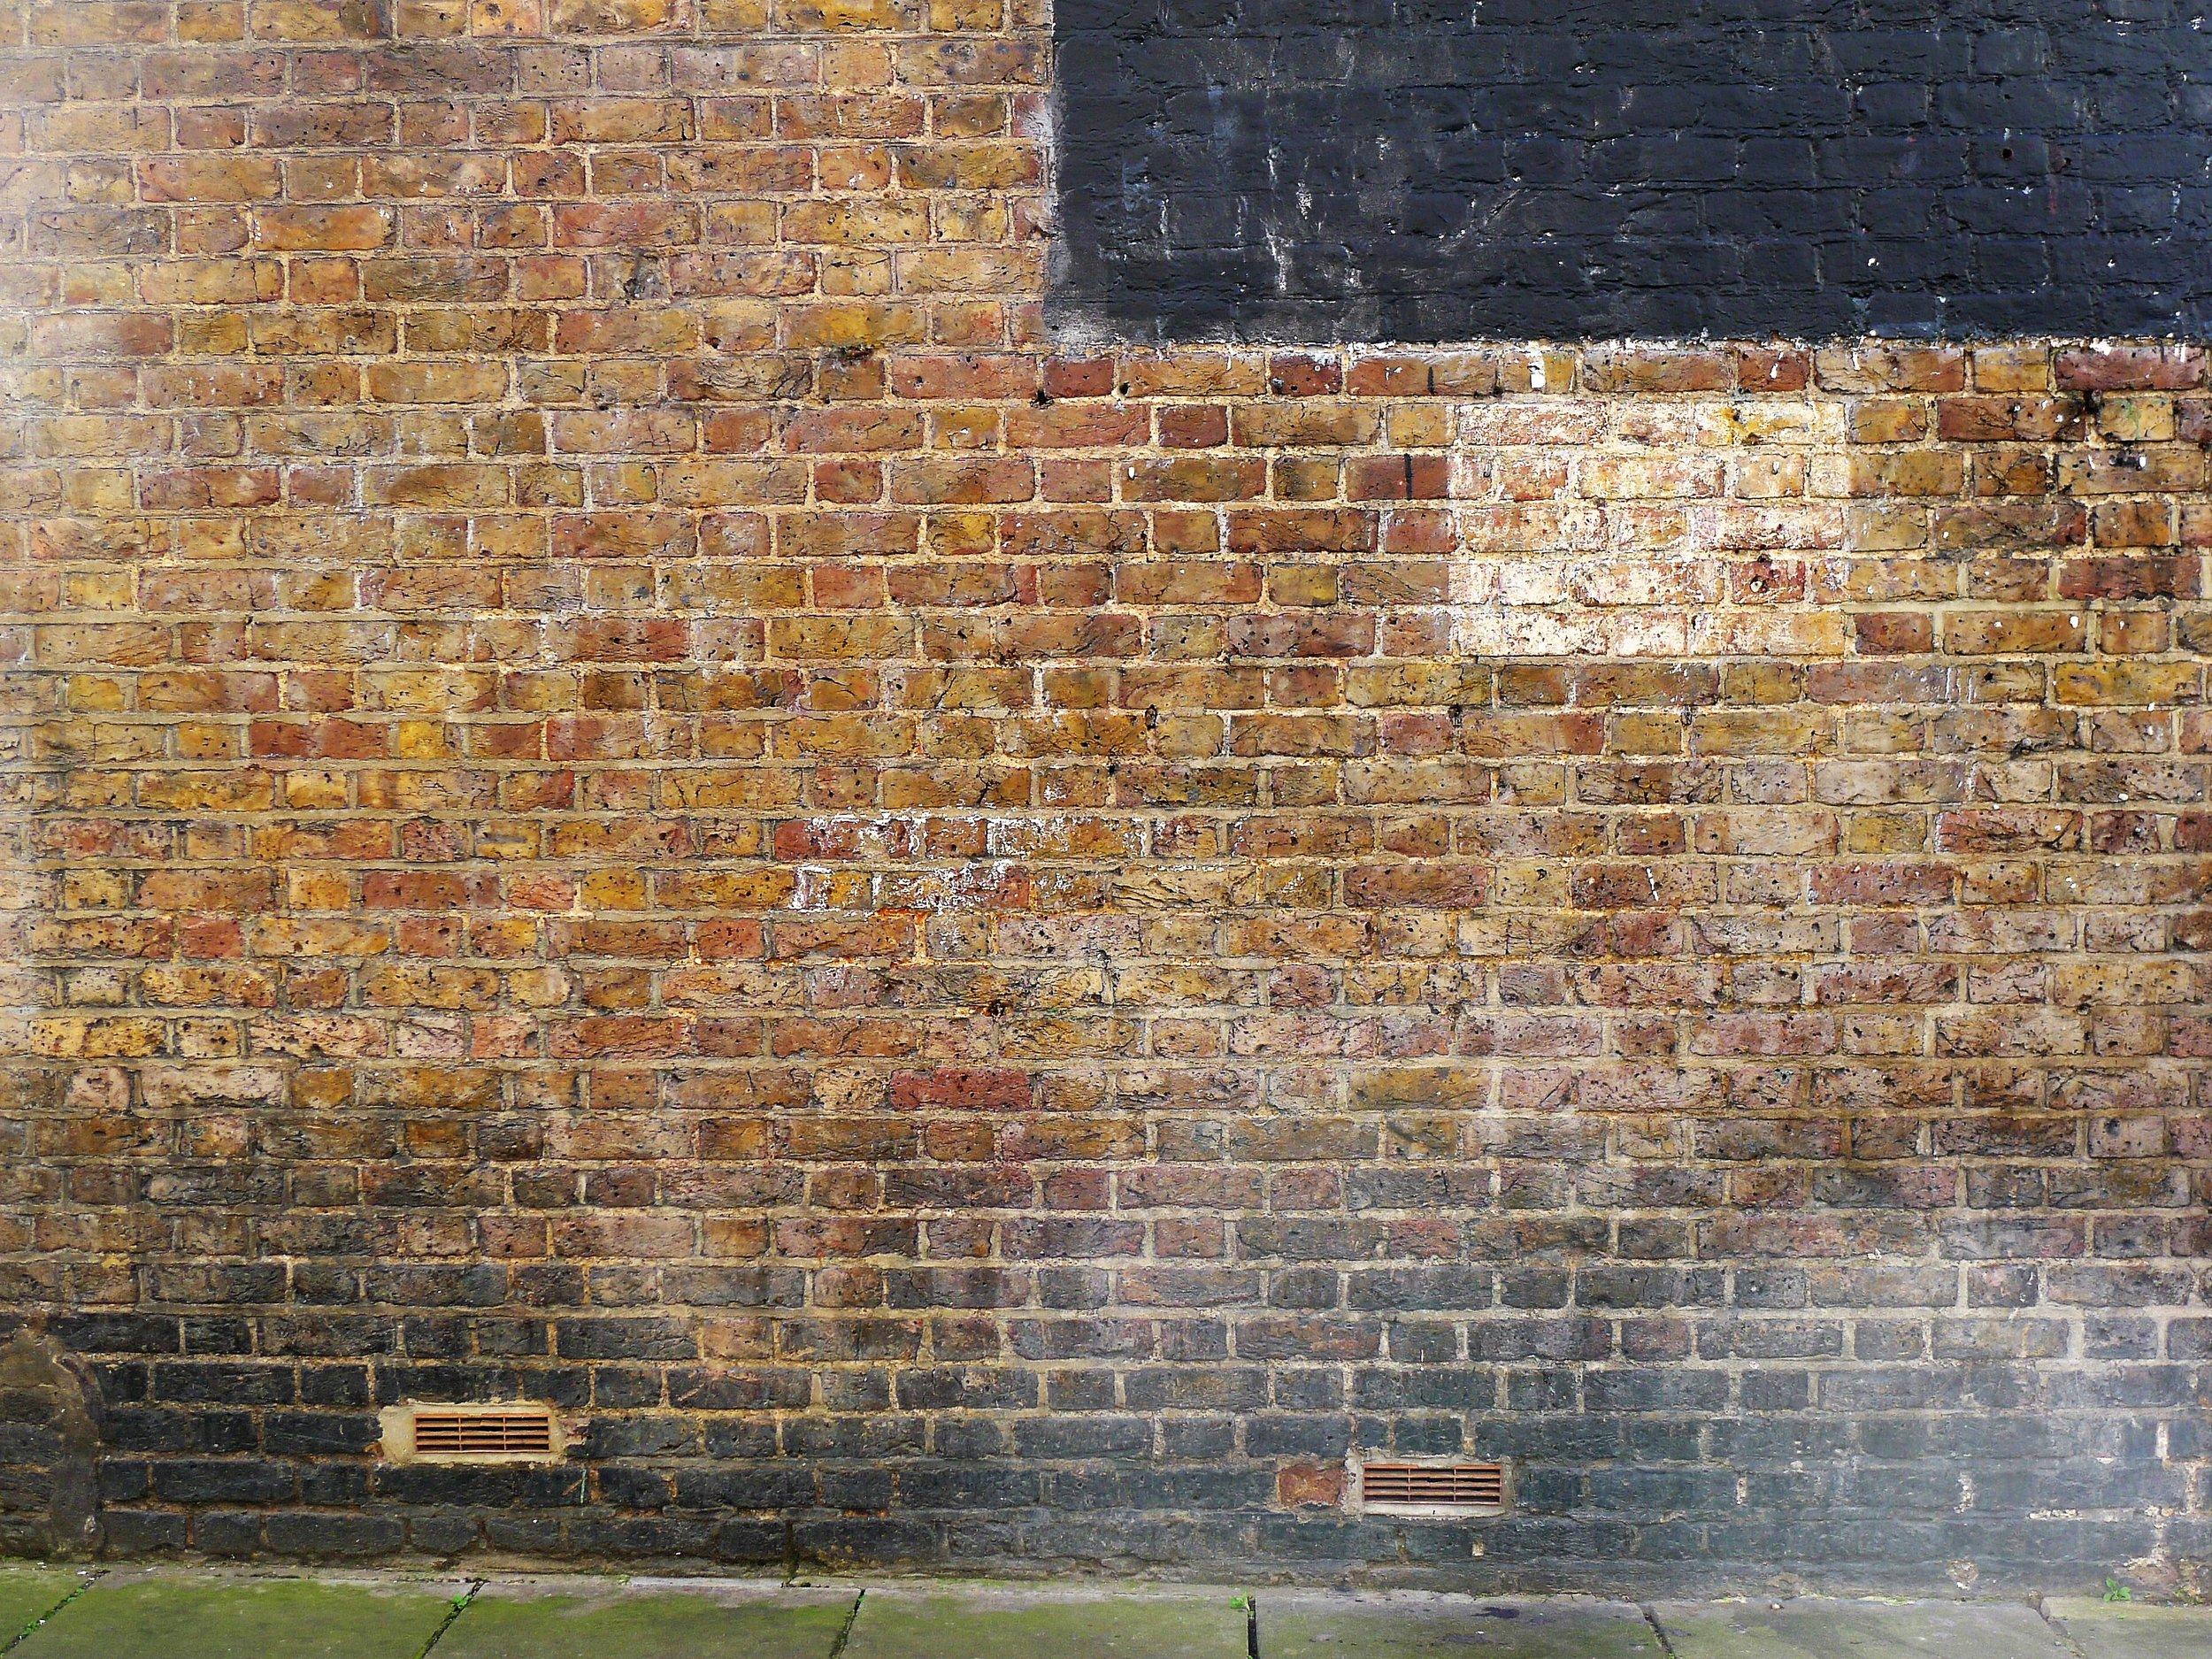 Exactamente la misma pared en la actualidad, así como arriba, a la derecha, donde una vez estuvo el anuncio. Fotografía: El autor